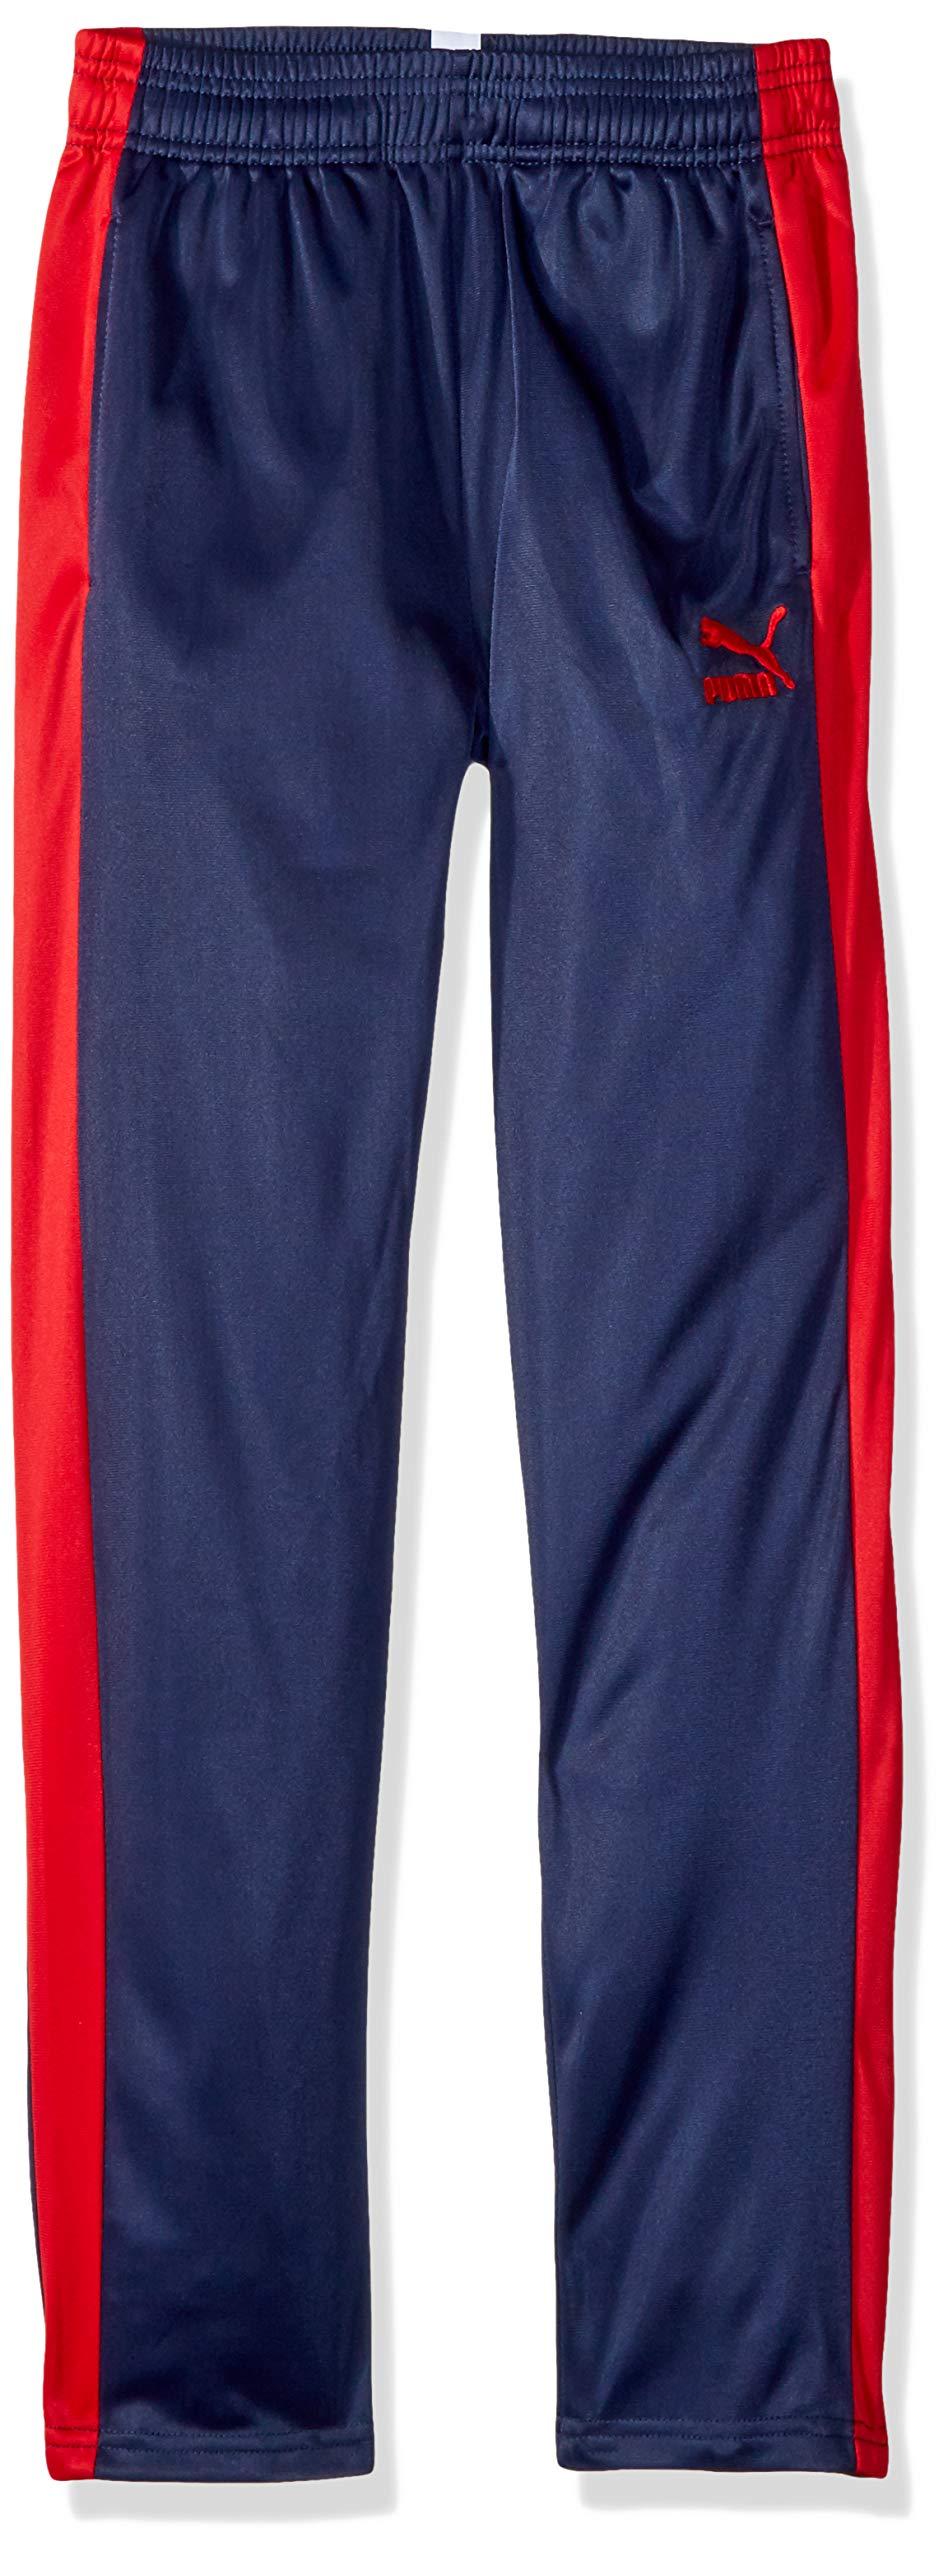 PUMA Big Boys' Track Pants, Peacoat, L